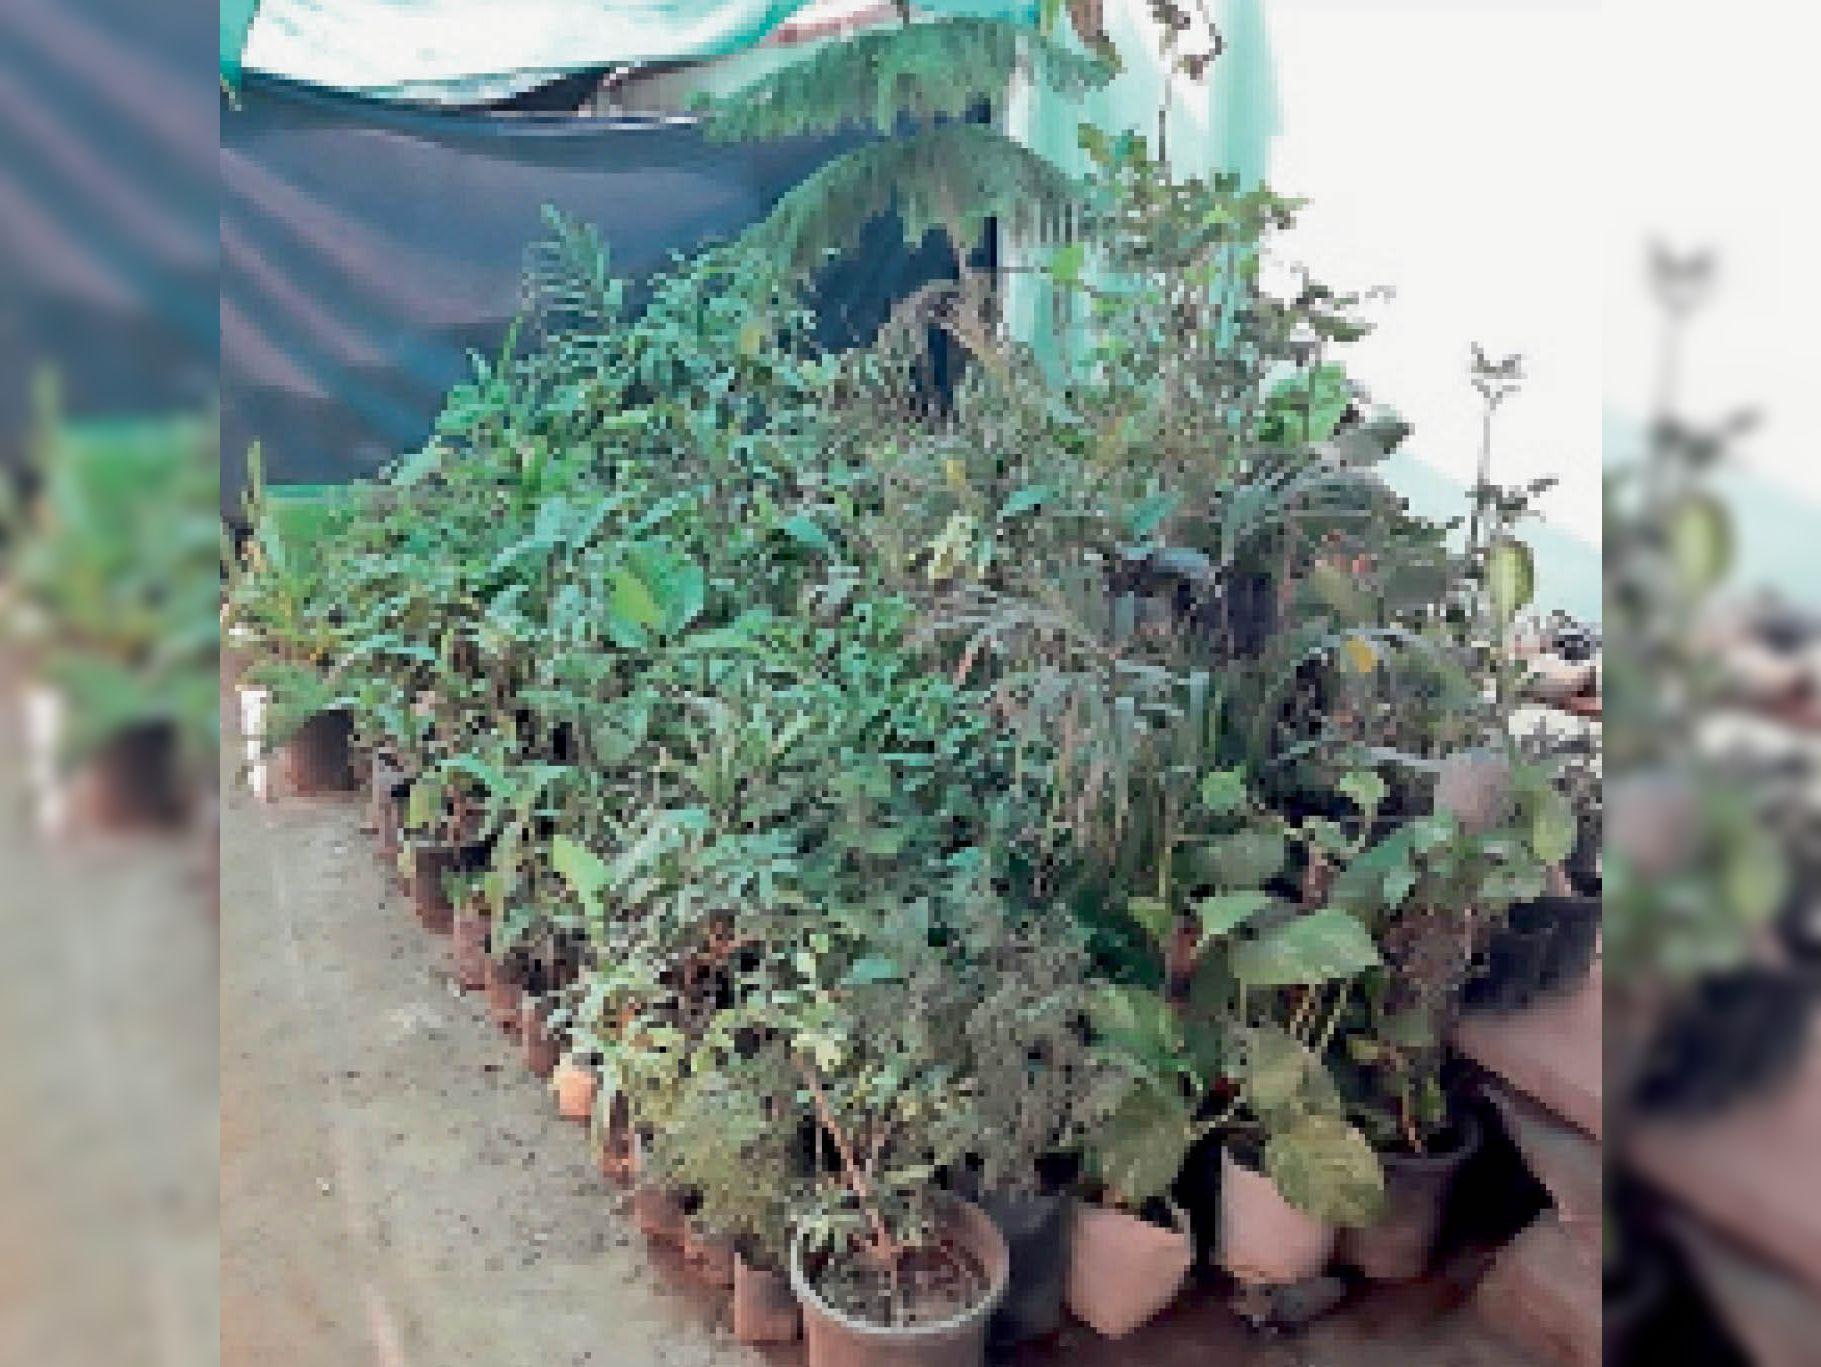 कोरोना के कारण 24 घंटे ऑक्सीजन देने वाले पौधे लगाने लगे, आंध्रप्रदेश, कर्नाटक और पश्चिम बंगाल से मंगवा रहे भीलवाड़ा,Bhilwara - Dainik Bhaskar